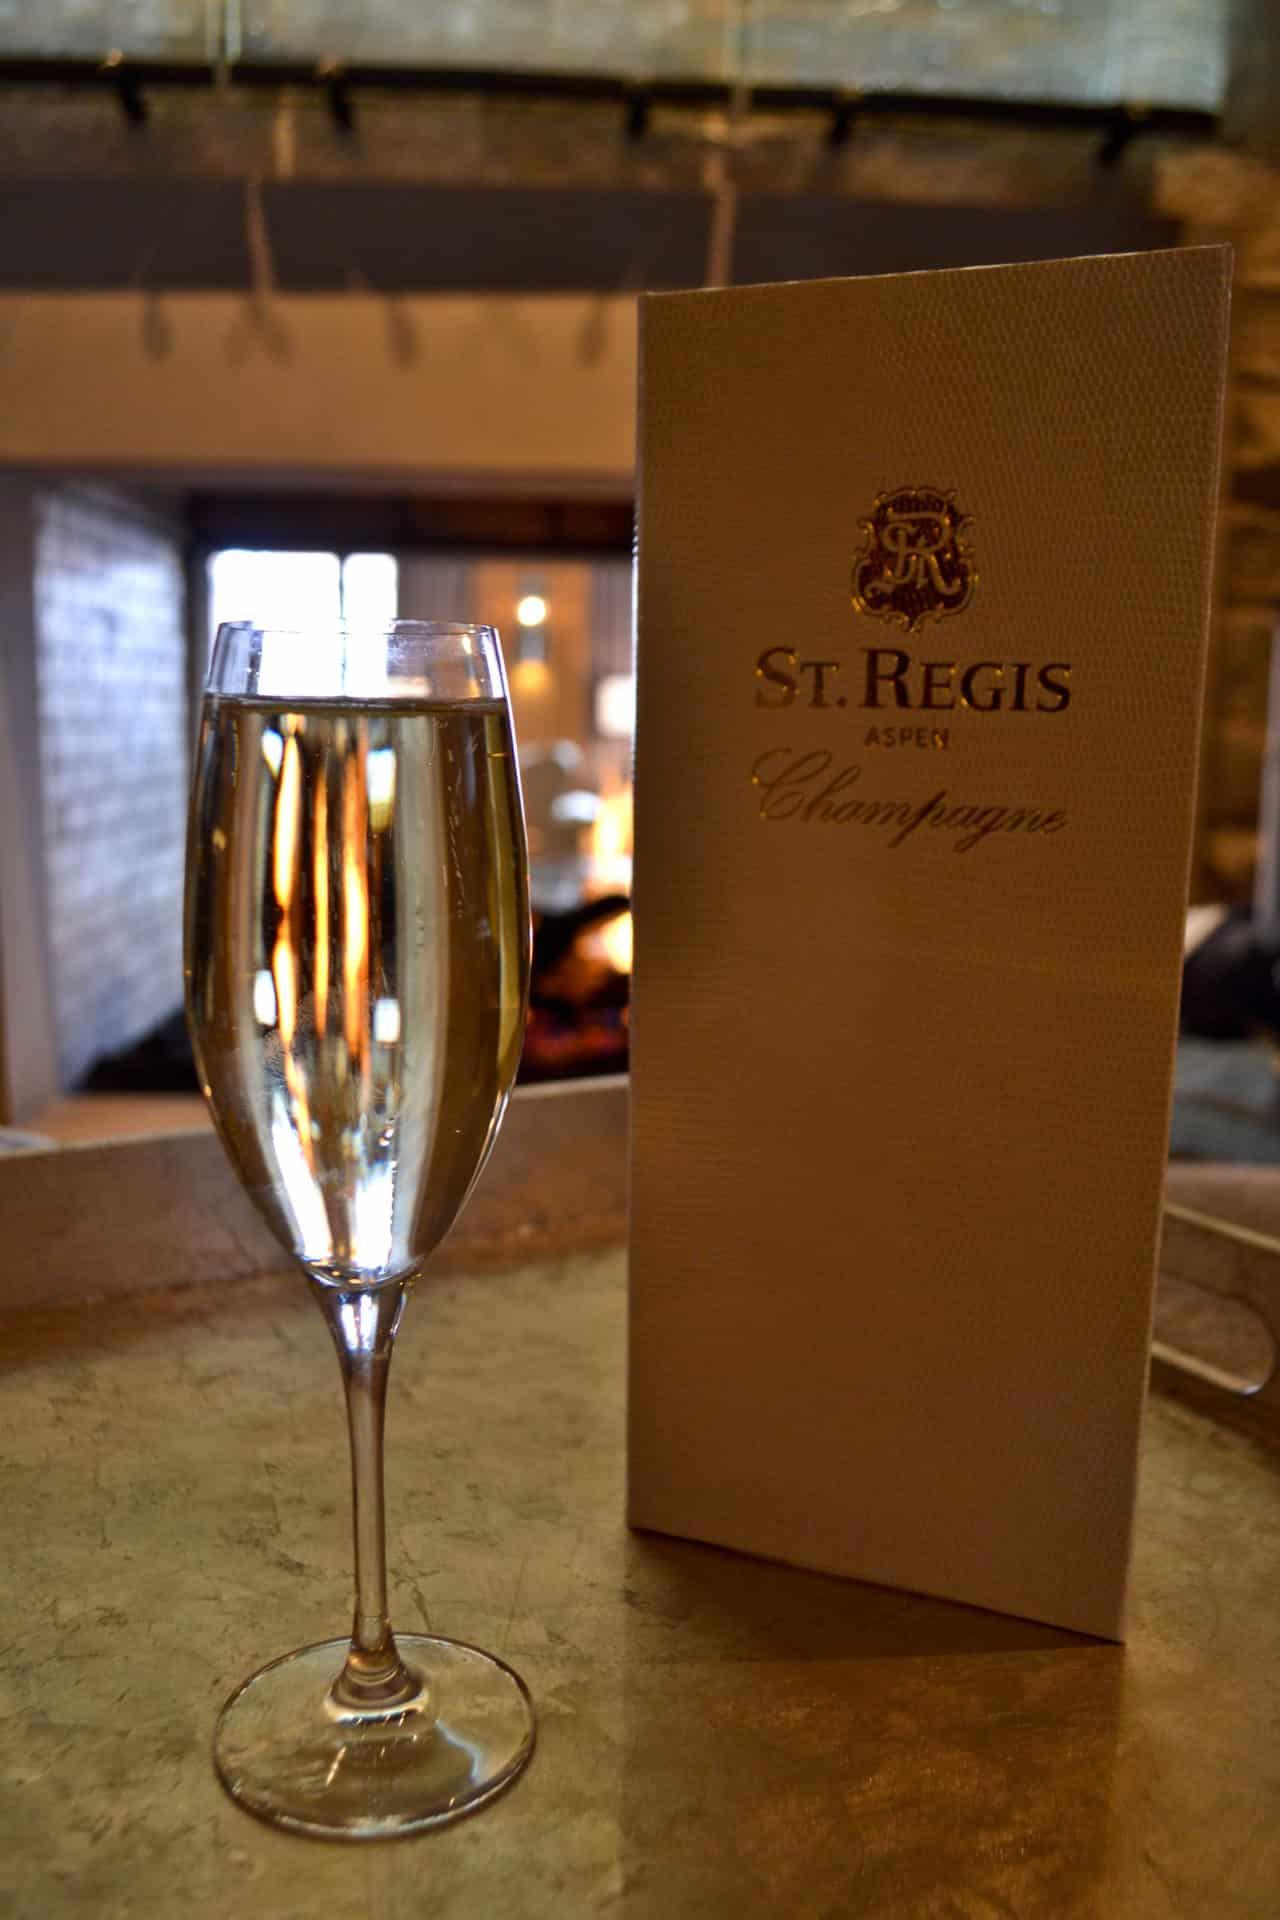 St Regis Aspen Champagne